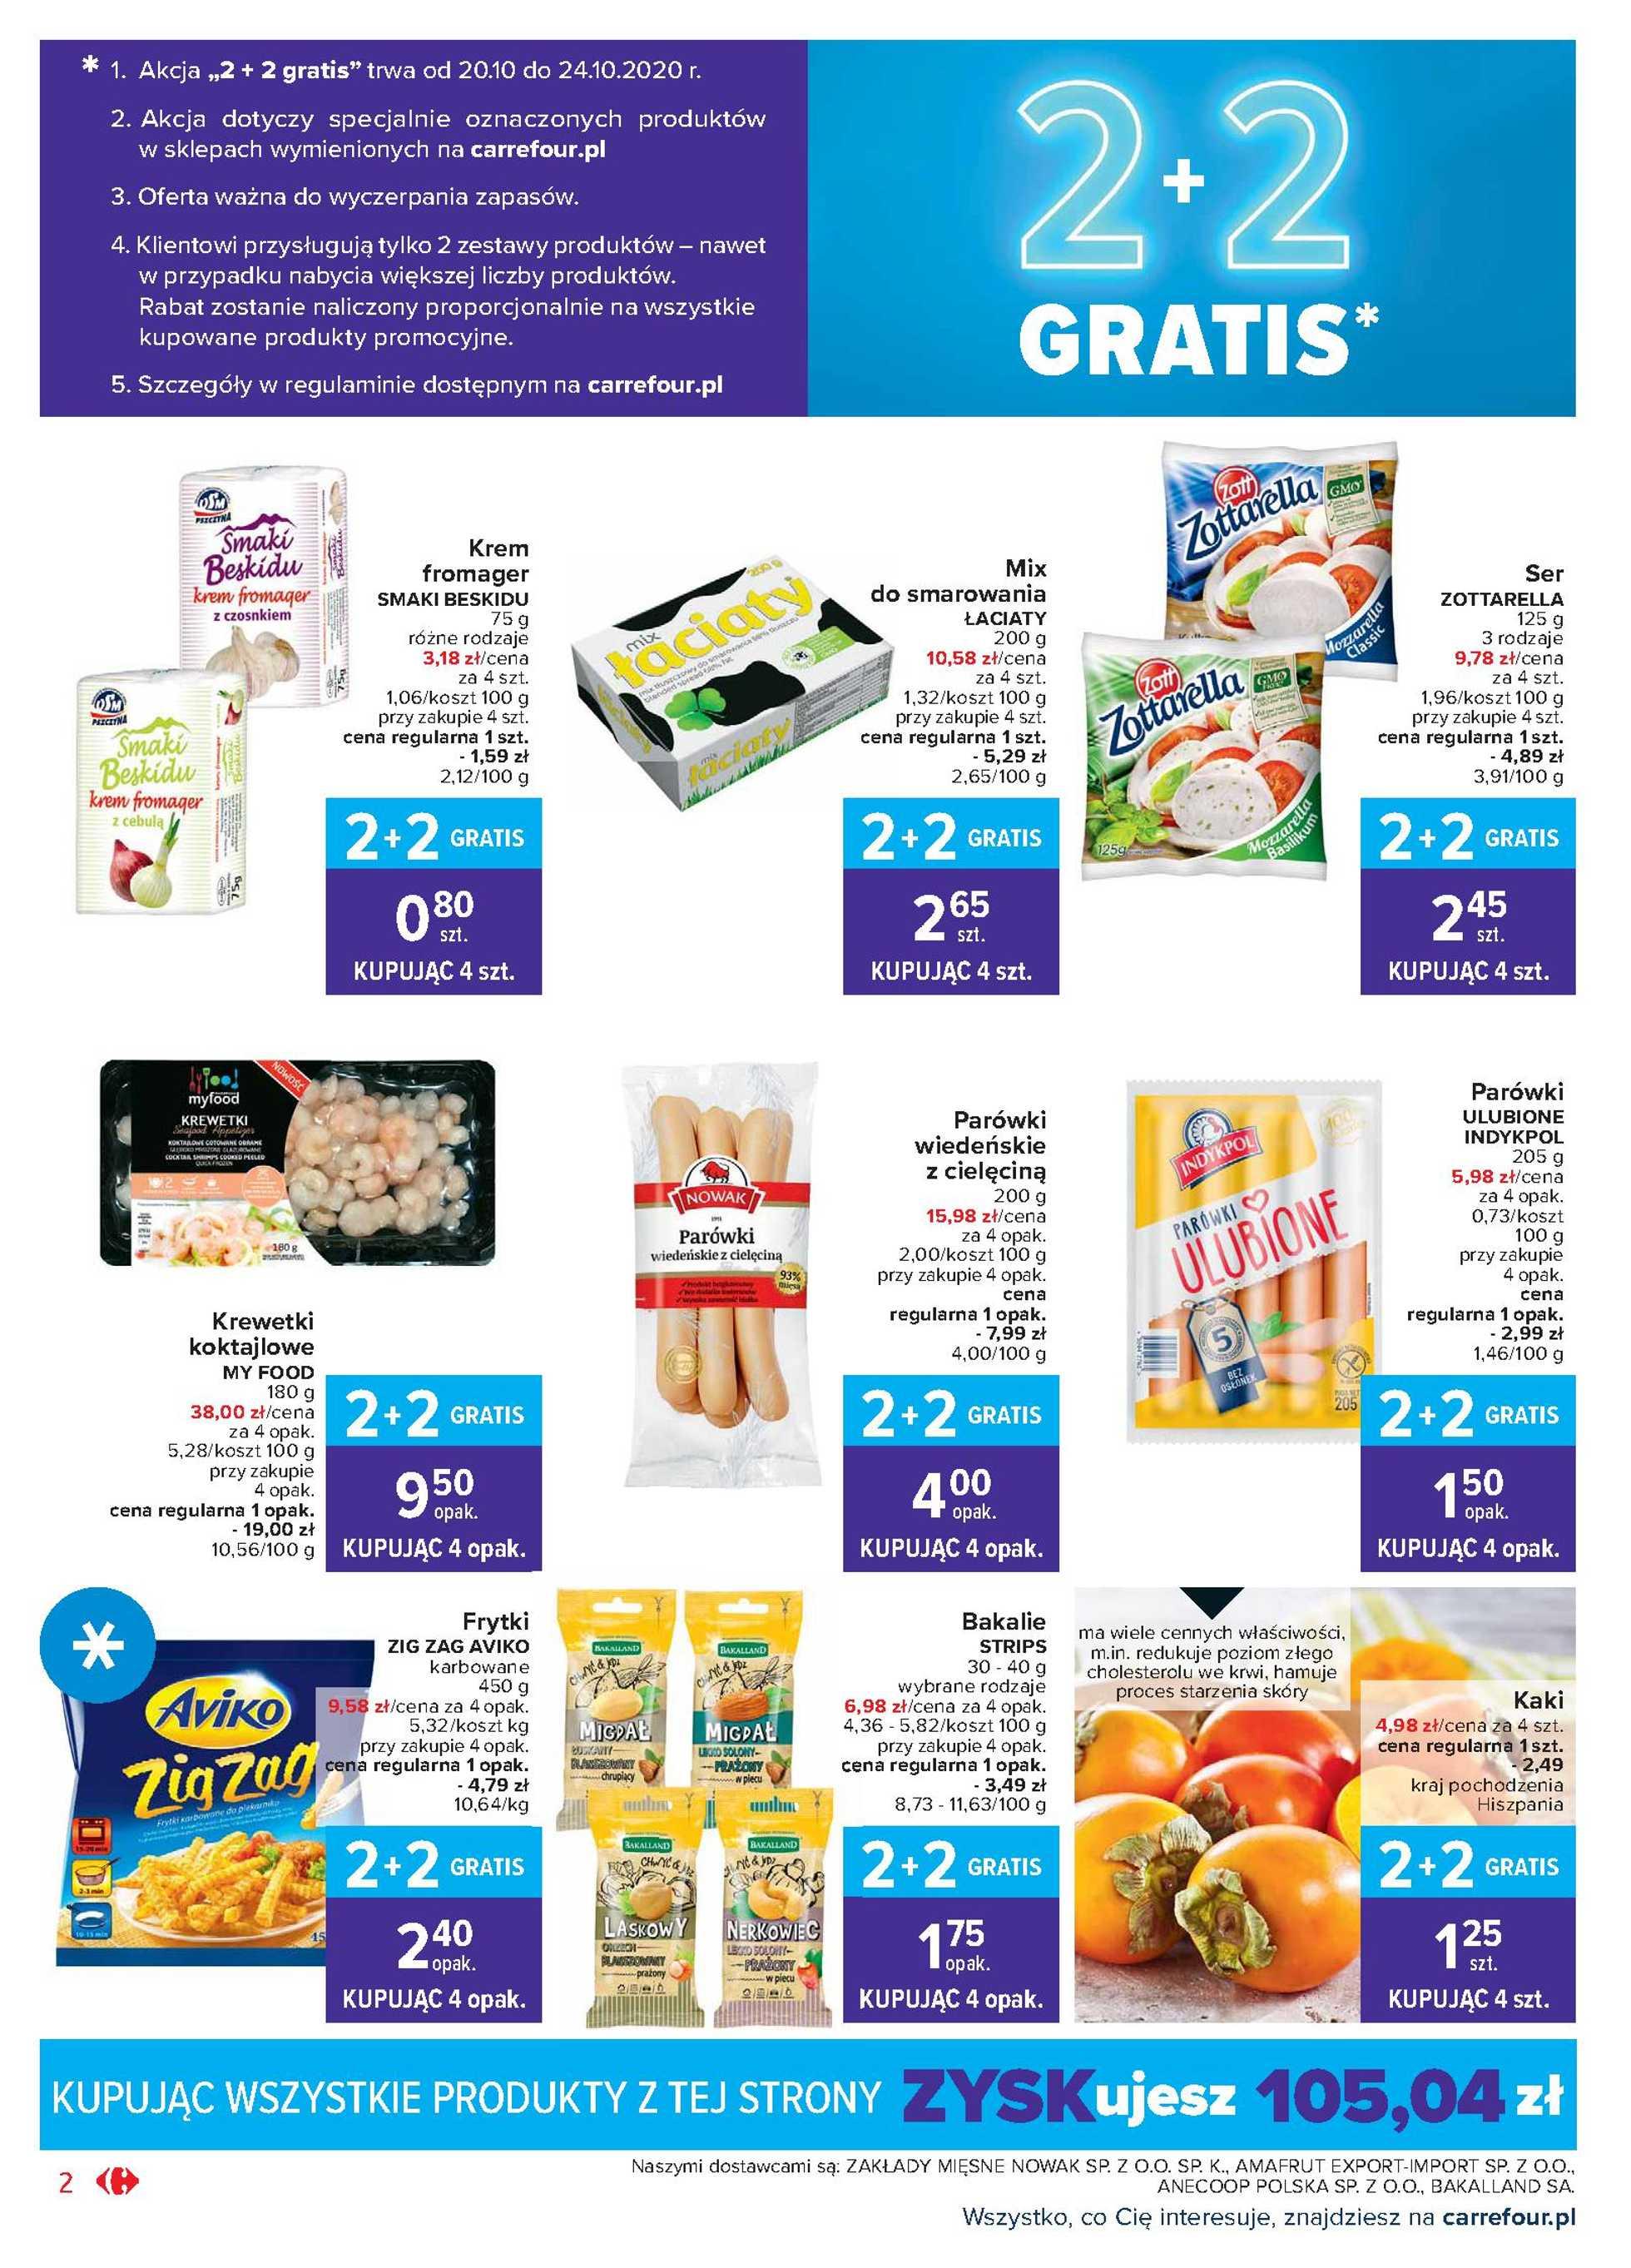 Carrefour Market - gazetka promocyjna ważna od 20.10.2020 do 24.10.2020 - strona 2.